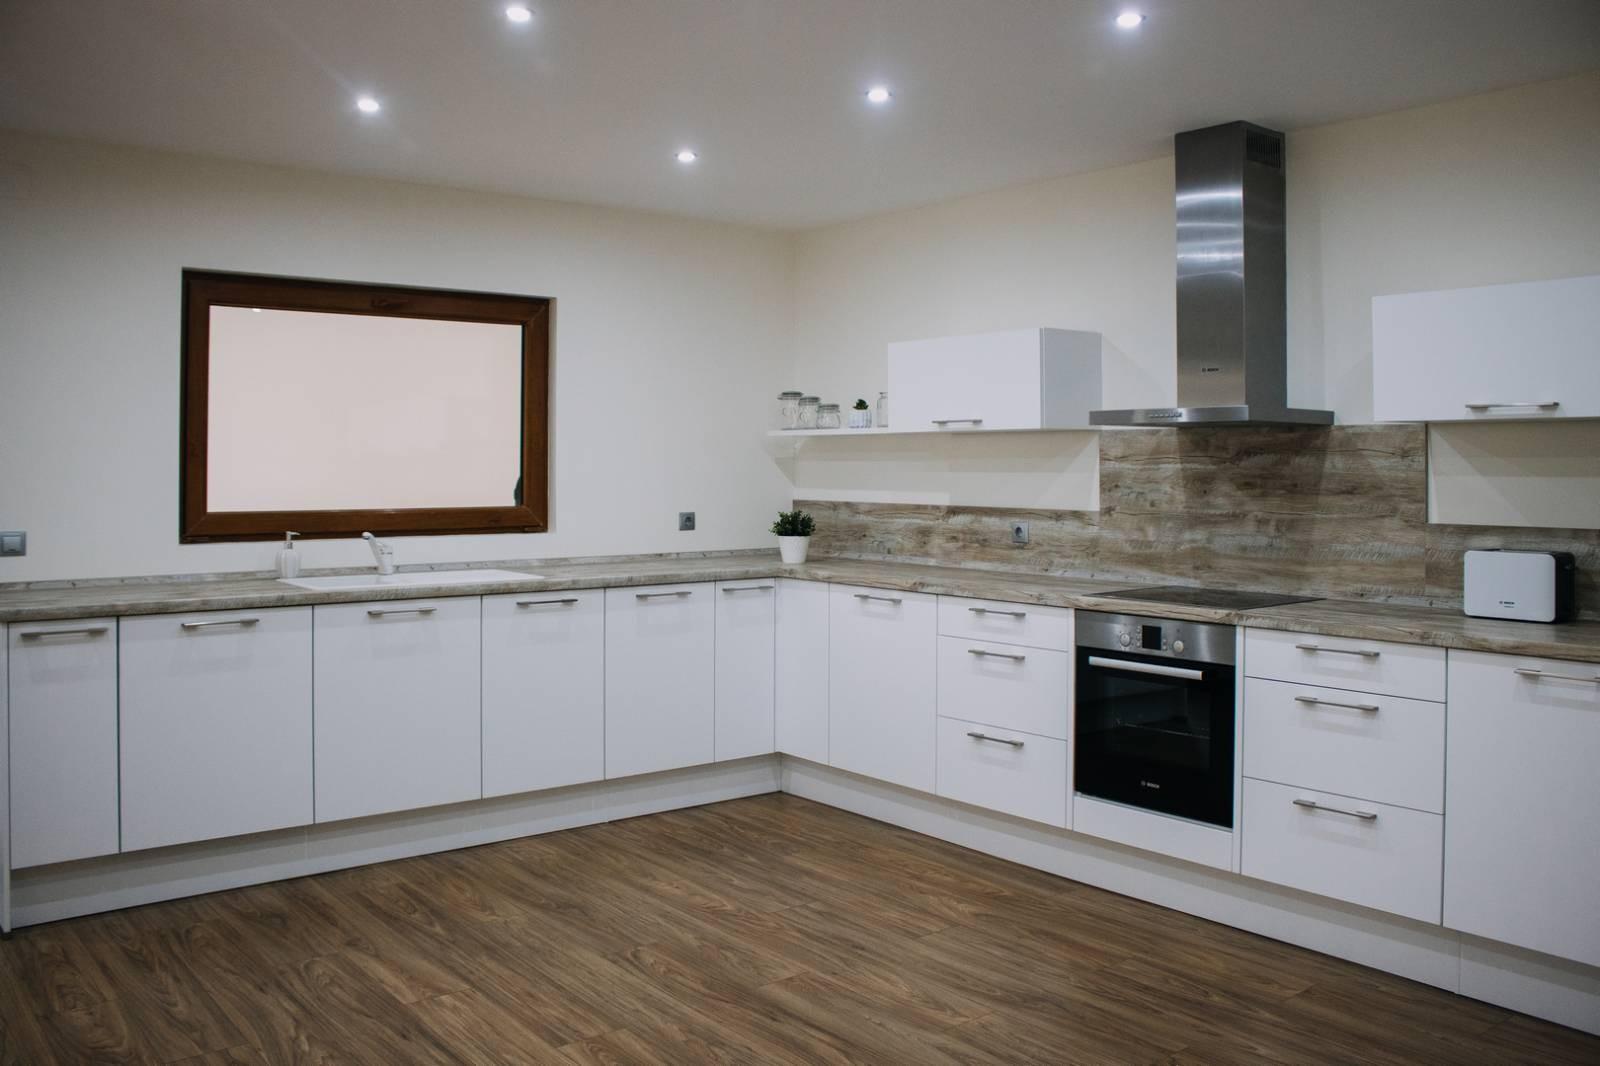 Referință - Bucătărie modernă Nobilia Touch - Alb alpin / Stejar Yukon